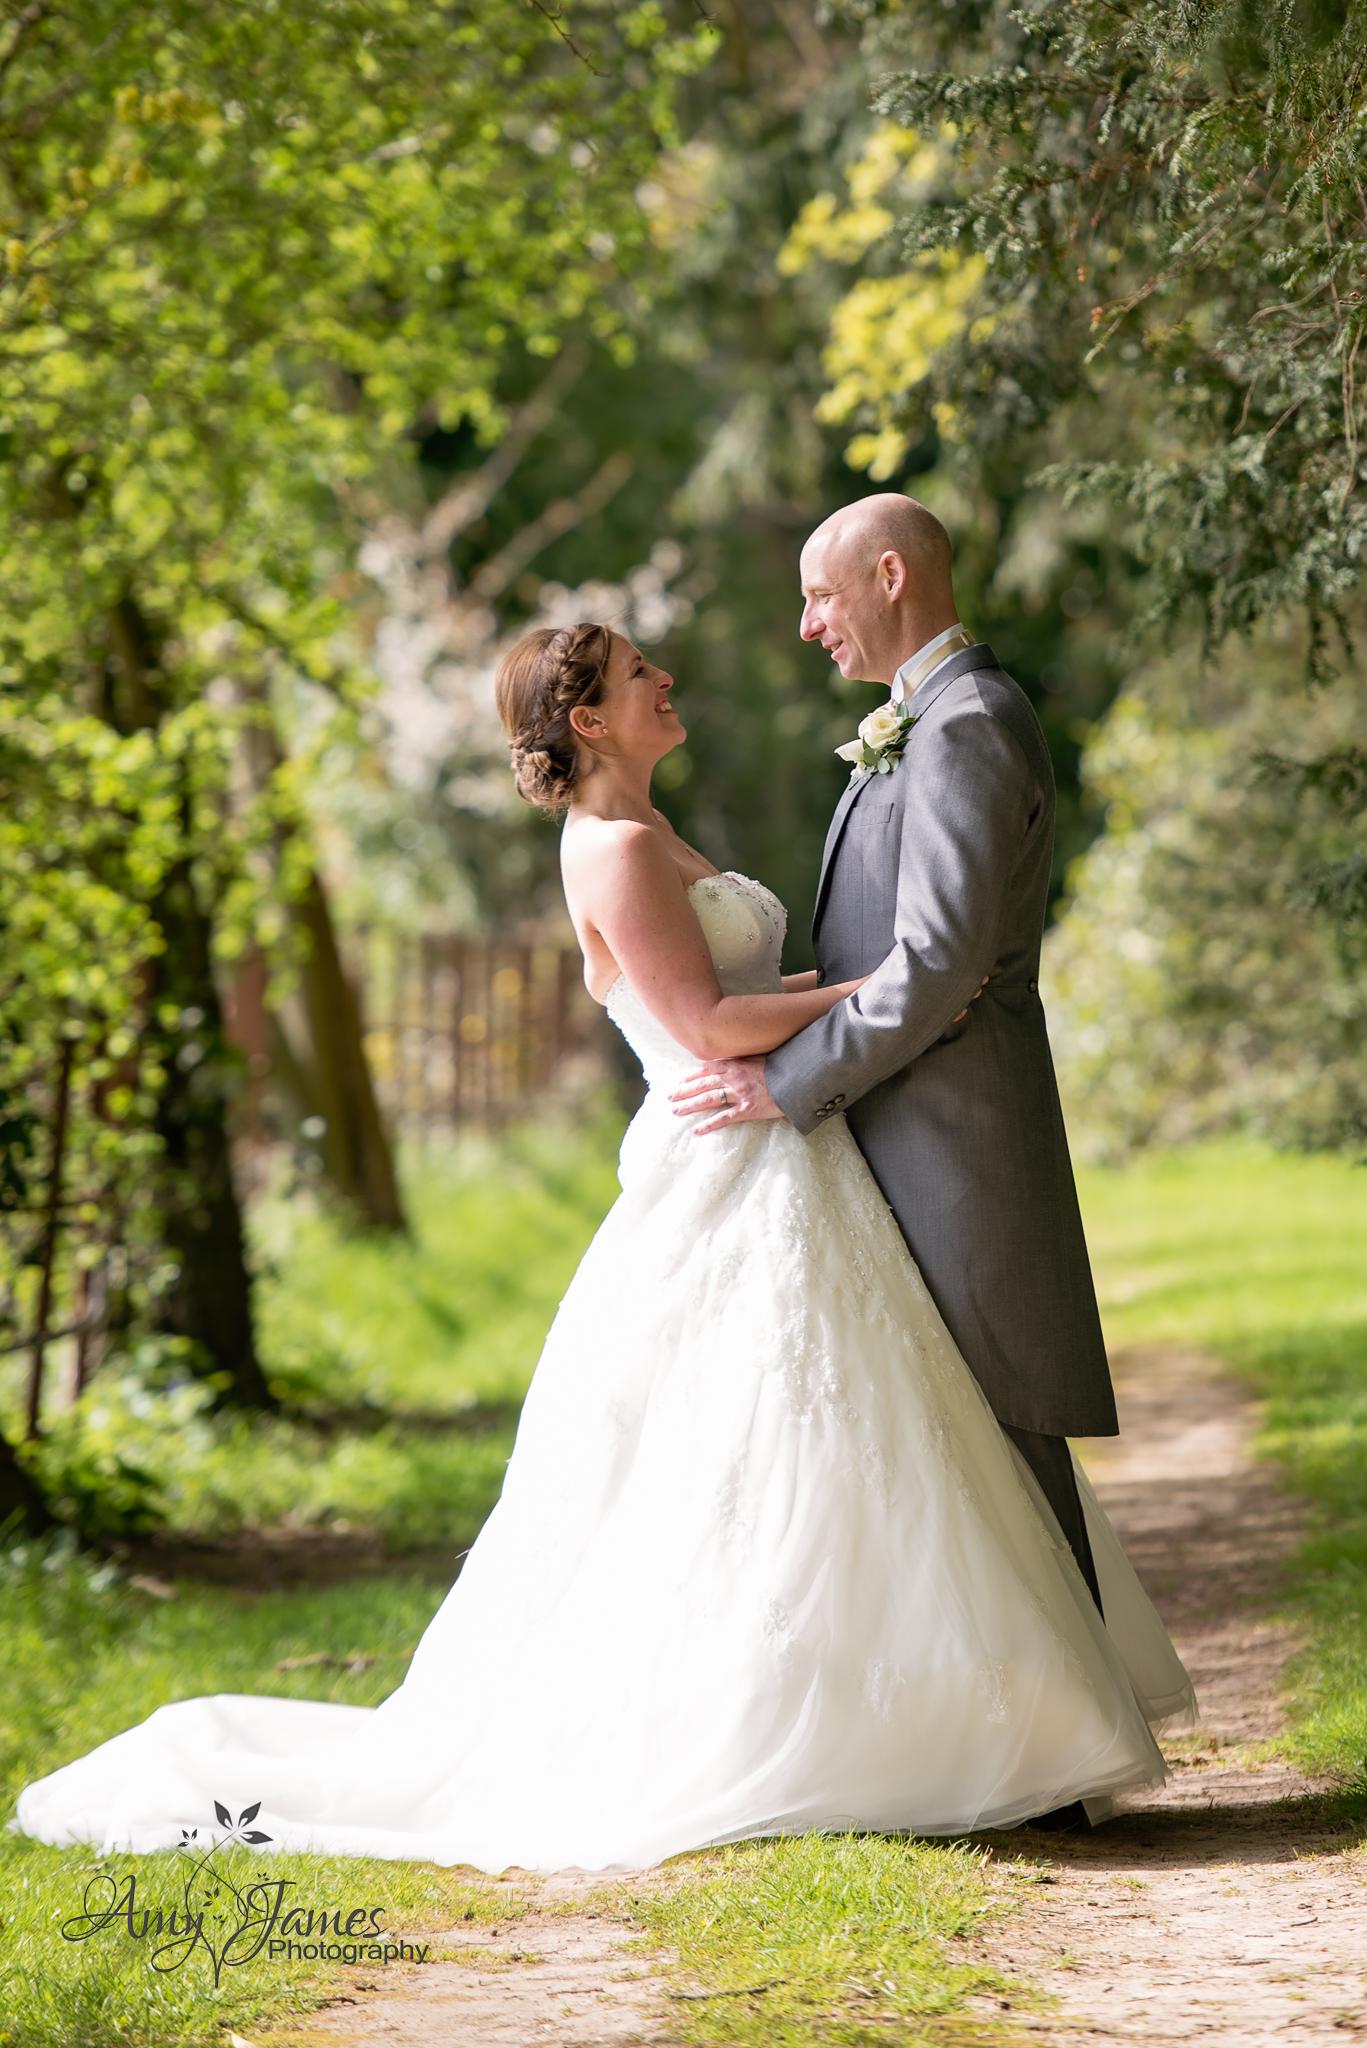 Amy James Photography / Wedding Photographer Hampshire / Hampshire wedding venues // Basingstoke Wedding / Audleys Wood Hotel wedding